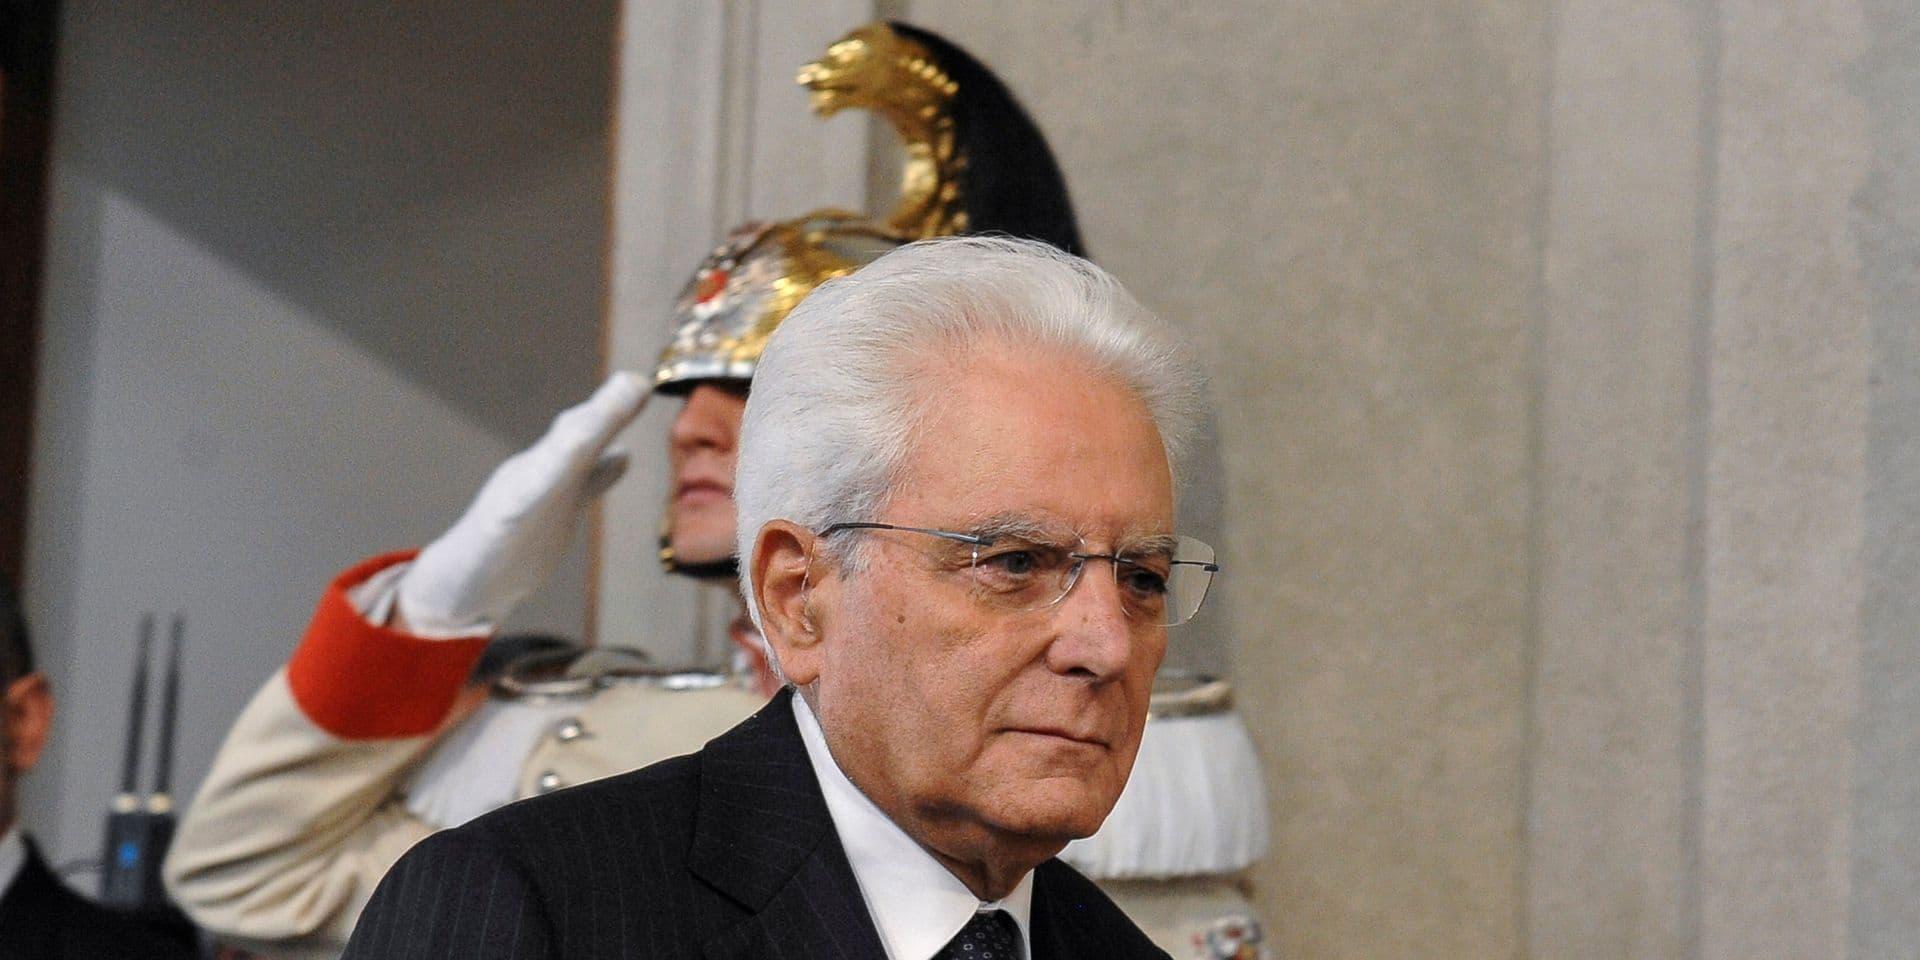 Dette et déficit: le président italien veut un changement des règles européennes